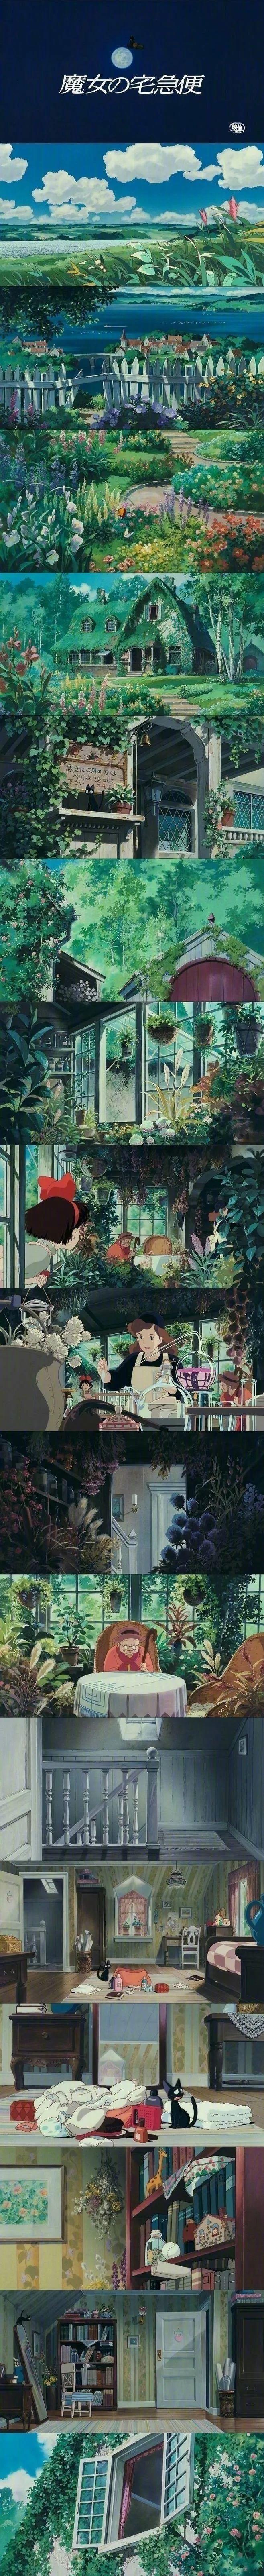 那些年宫崎骏带给我们的美好!动画壁纸特辑_图片 No.5